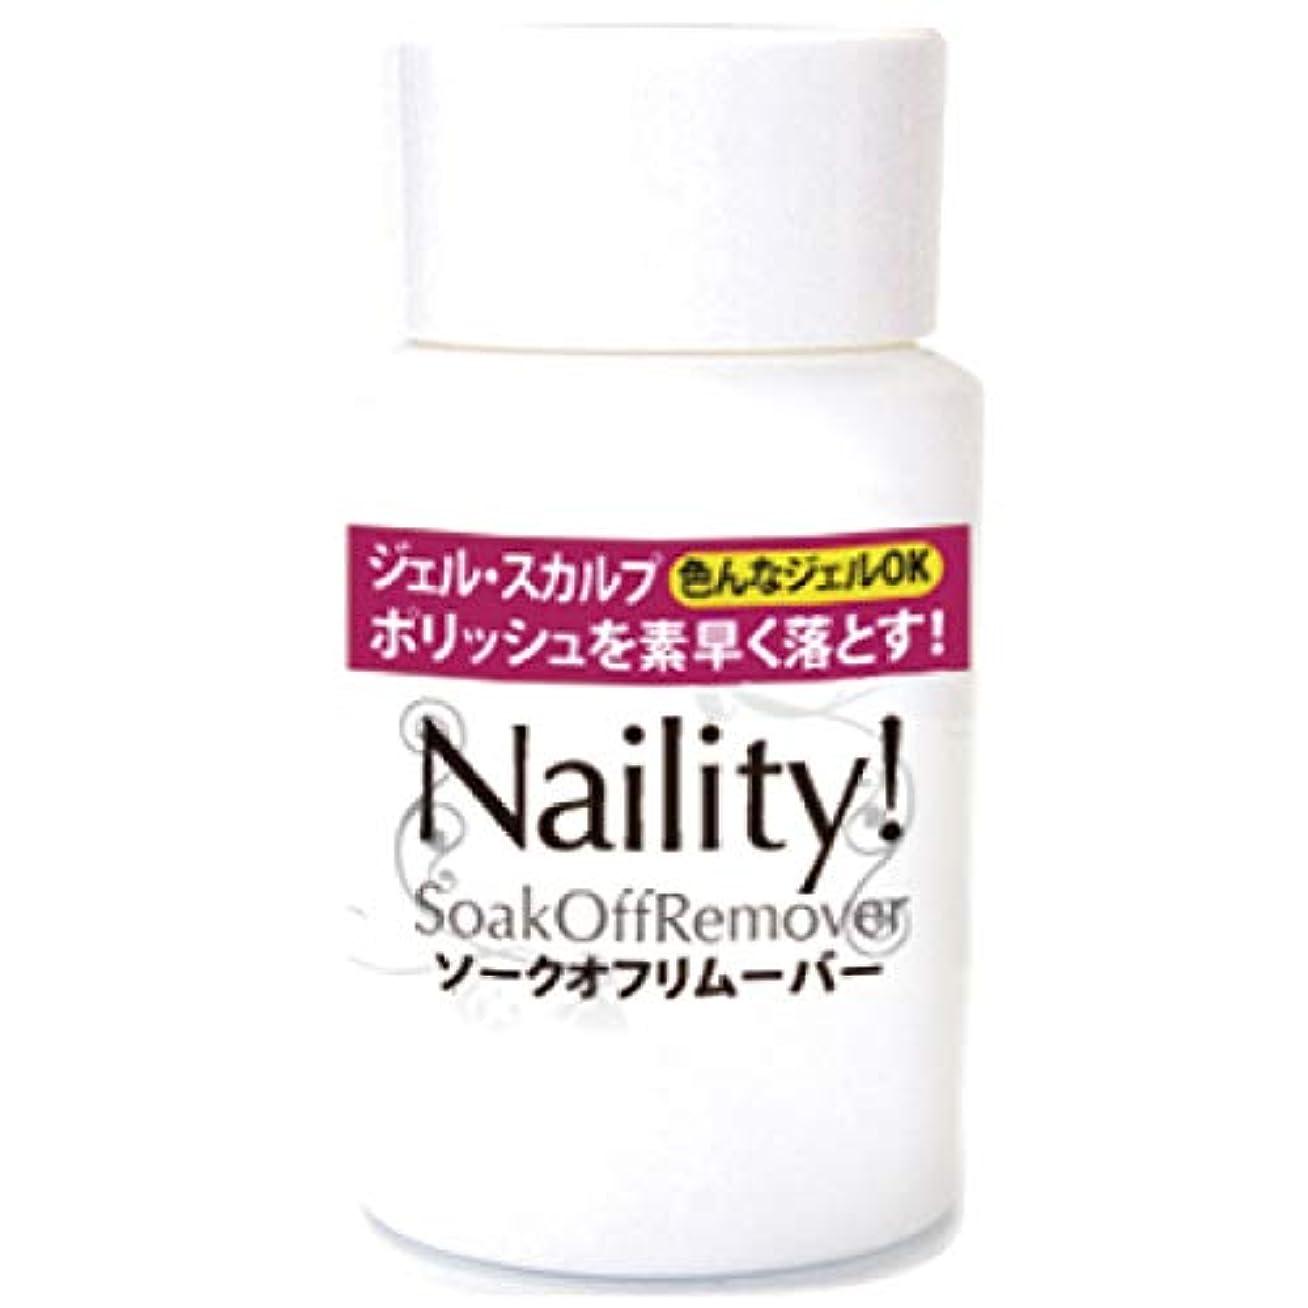 限り有益な朝Naility! ソークオフリムーバー (リフィル) 500mL